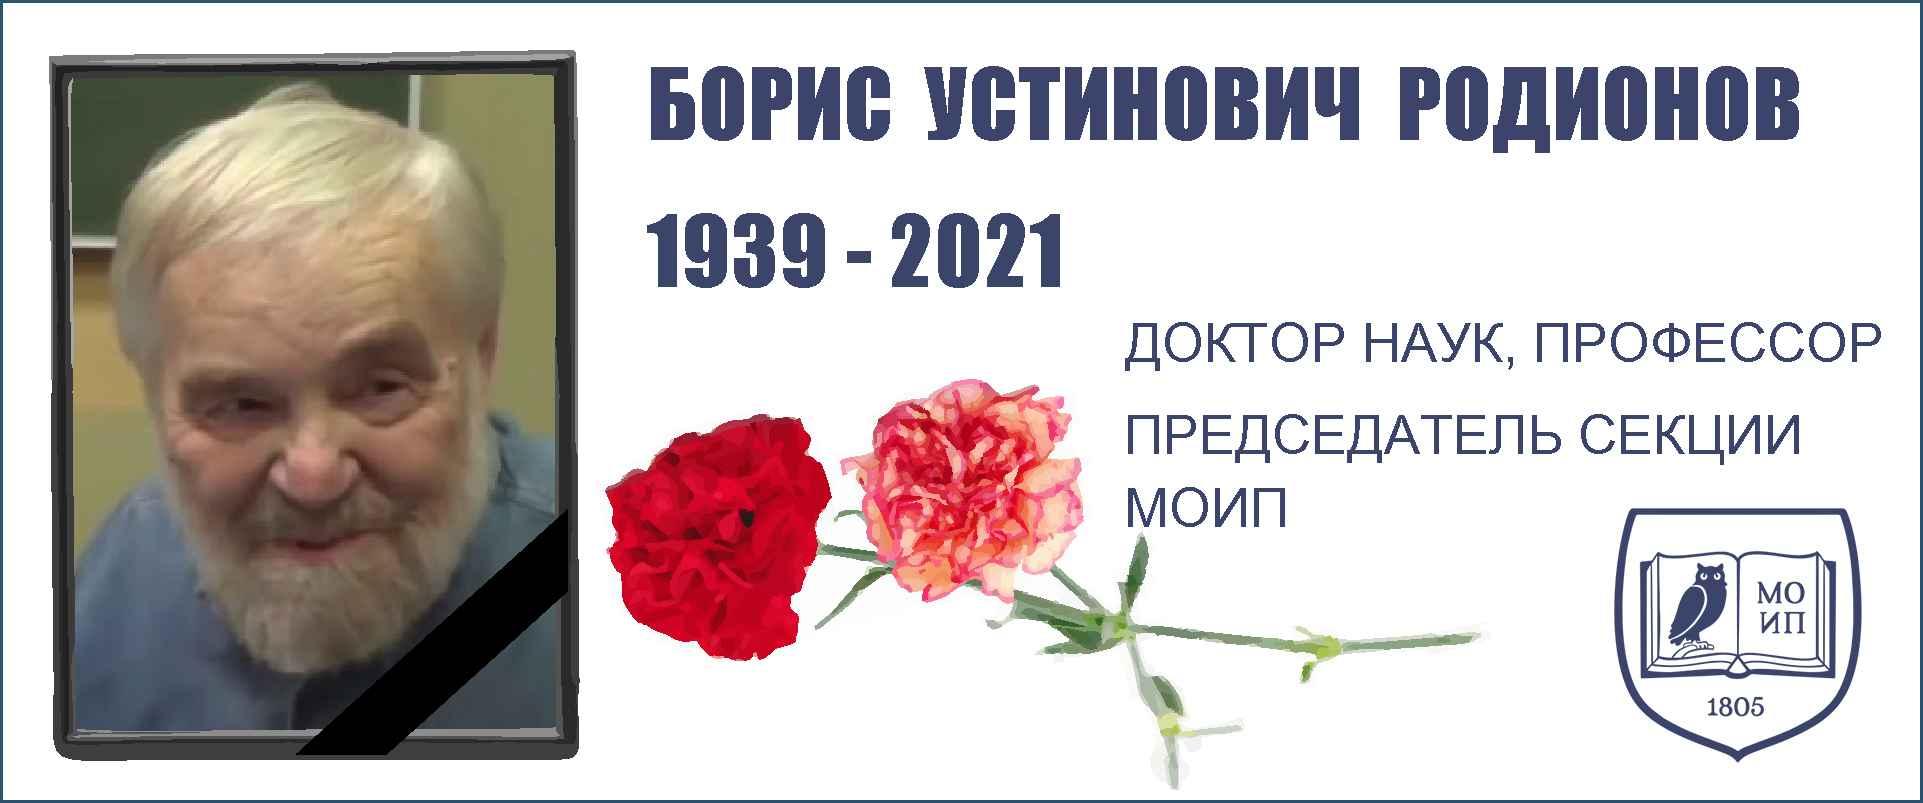 Борис Устинович РОДИОНОВ 1939 - 2021